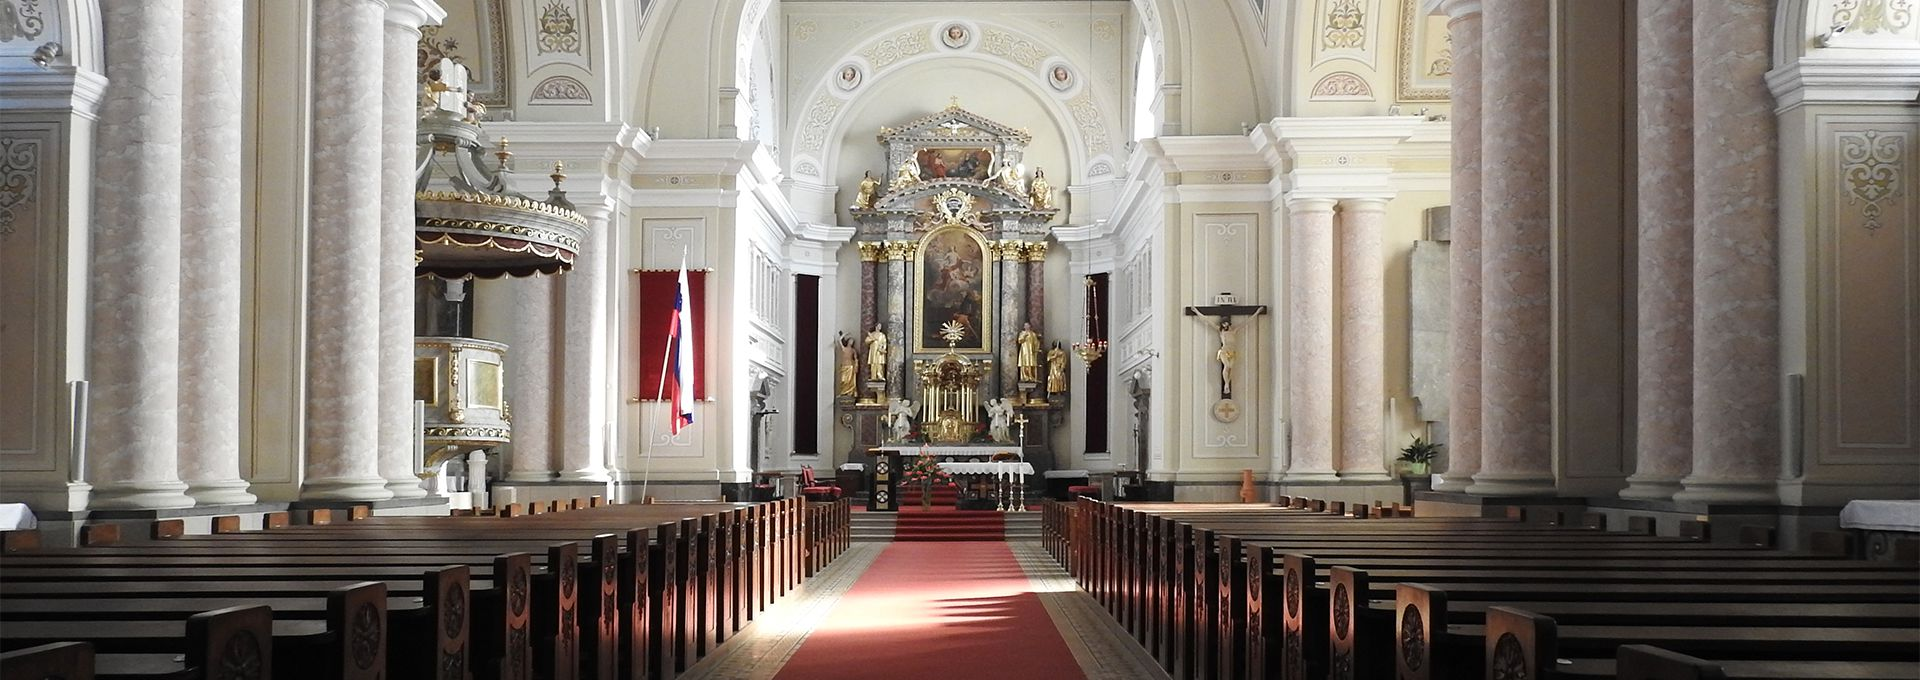 Nedeljskega bogoslužja v župnijski cerkvi svetega Vida se udeležuje 1.100 župljanov